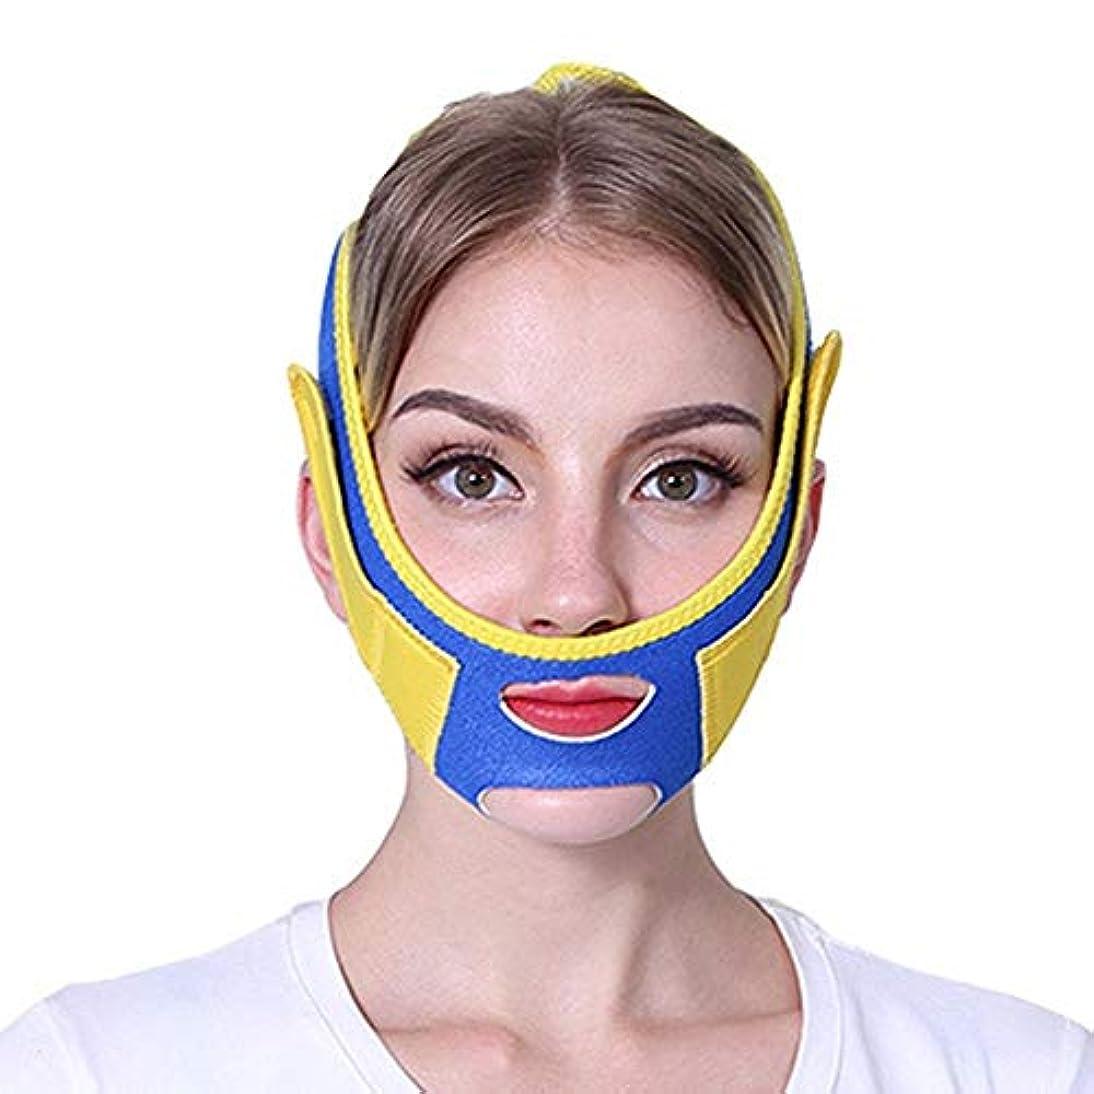 れんがヒップおそらくフェイスリフティング包帯、フェイシャルマッサージV字型で肌の弾力性を高め ダブルチンの美容ケアツール (Color : Blue)